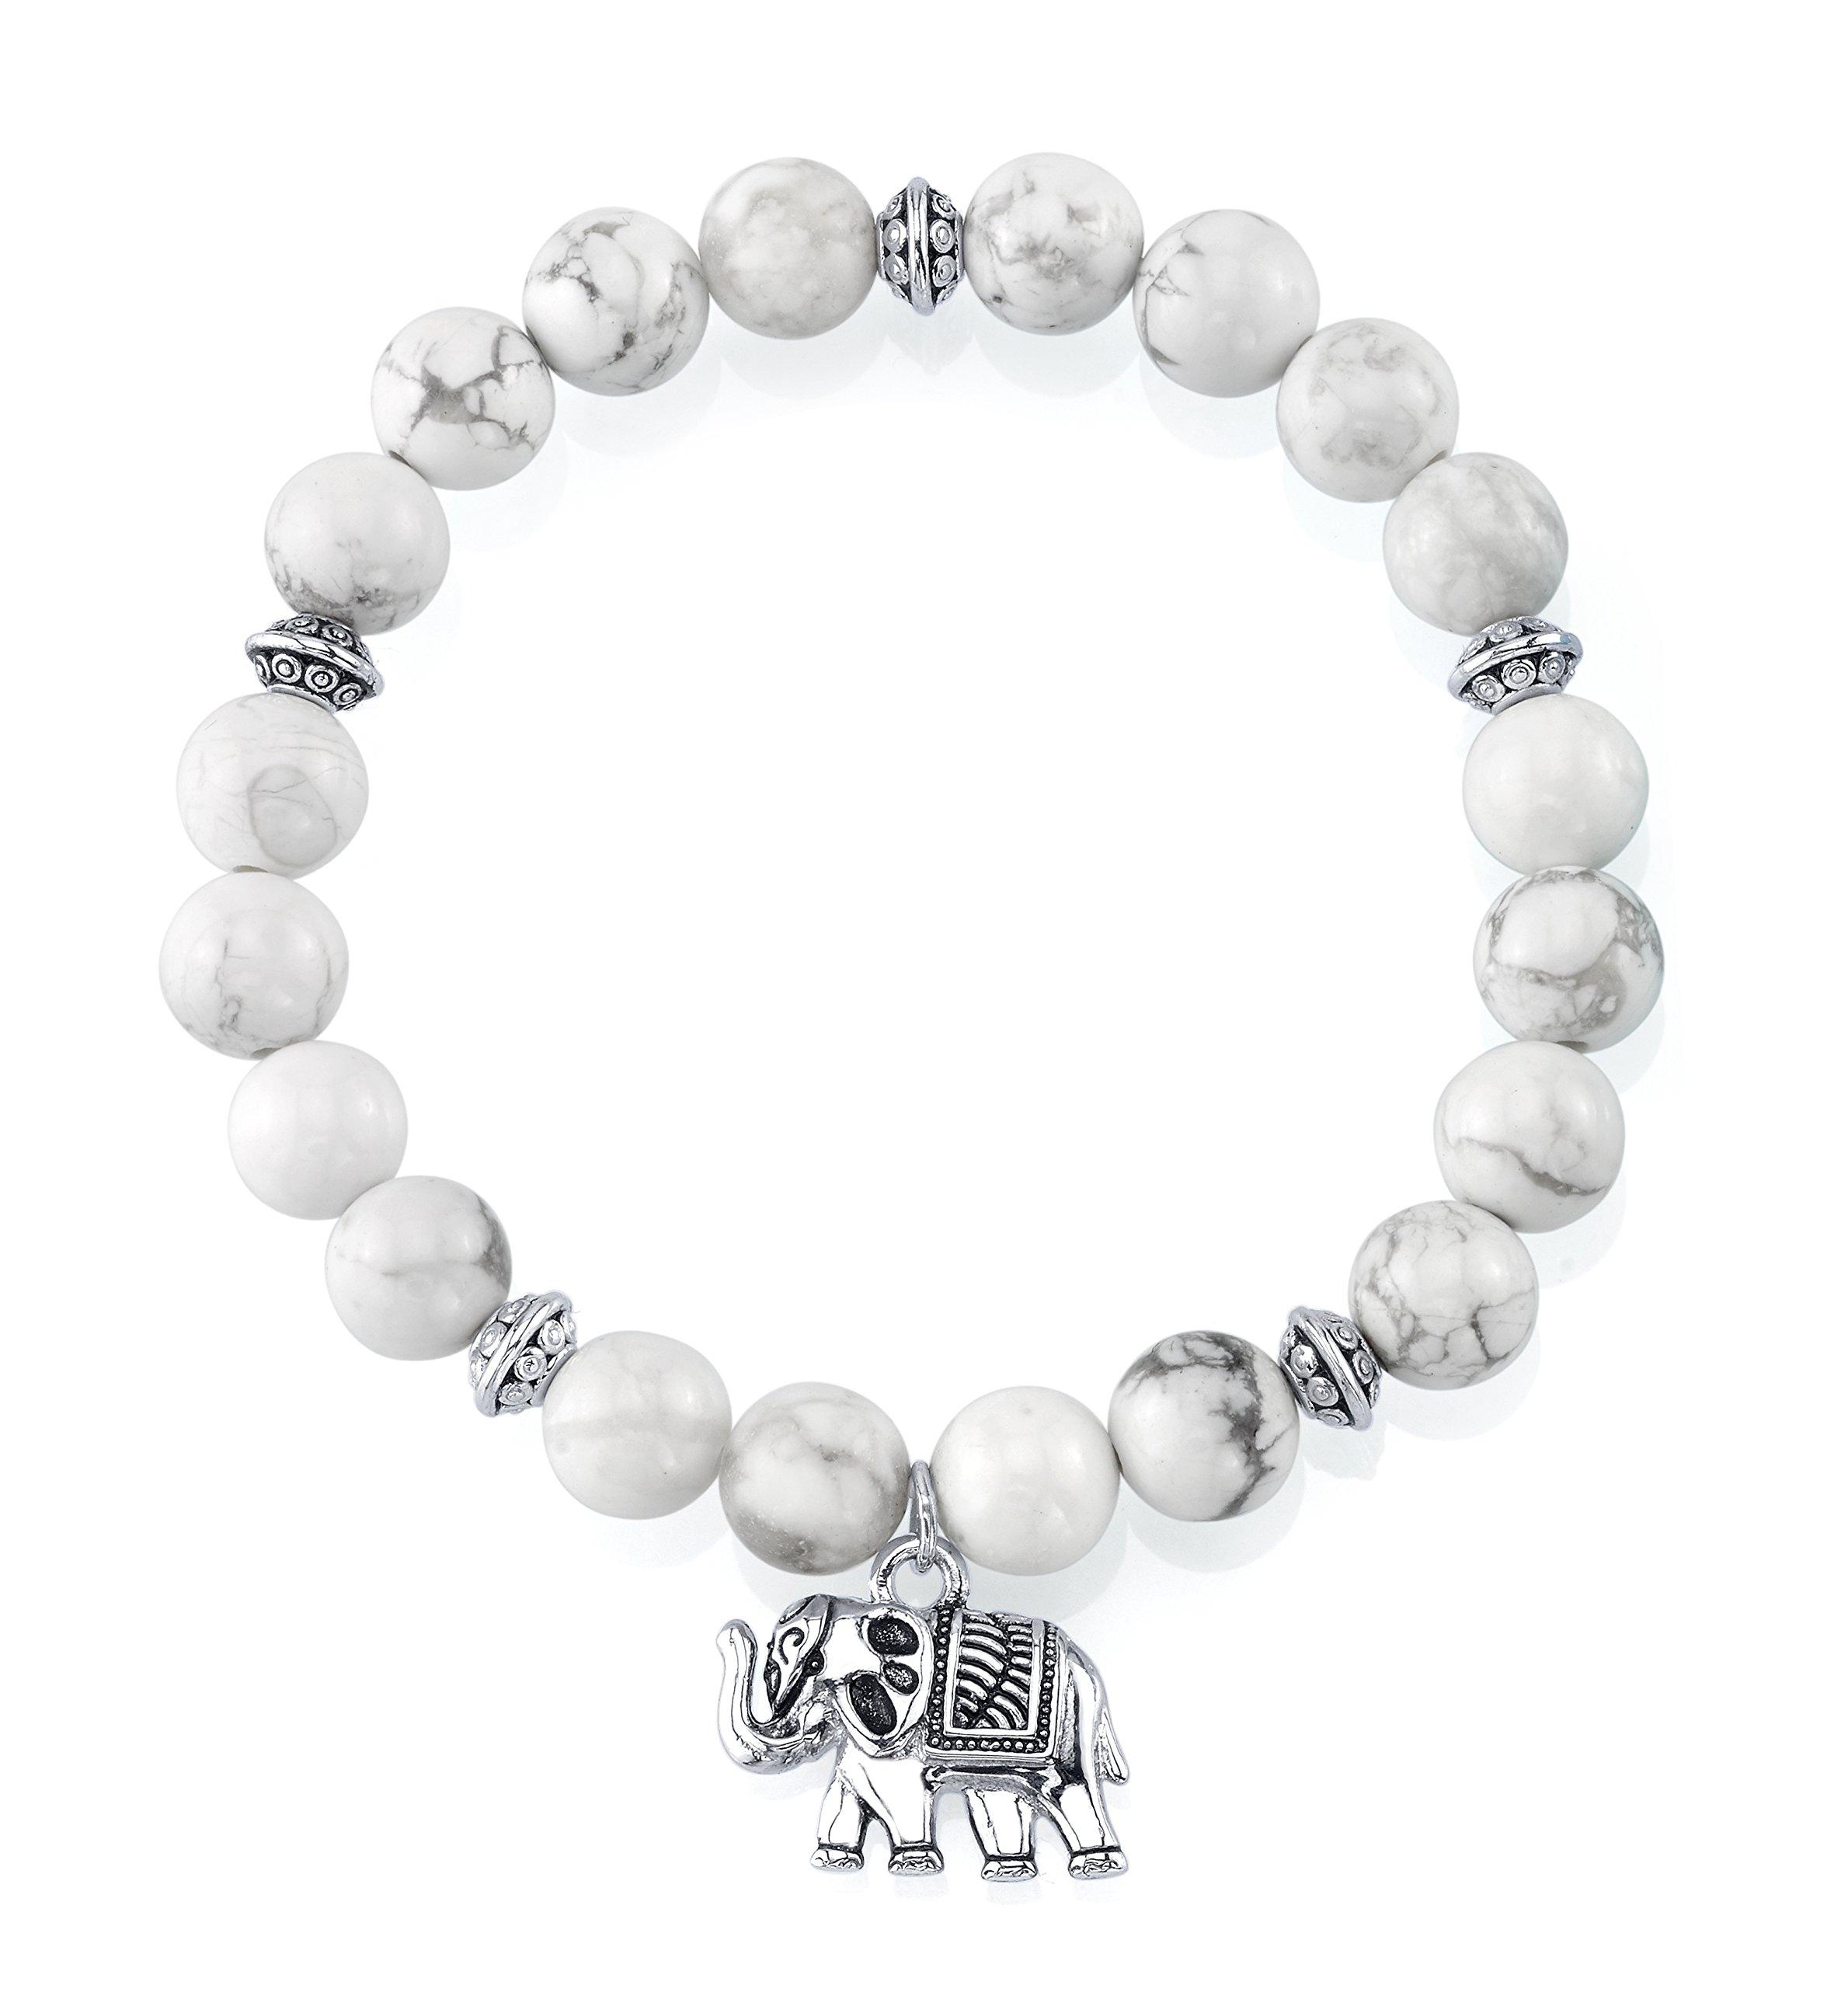 SERAFINA Womens Bead Stretch Bracelet Sterling Silver Charm (howlite)